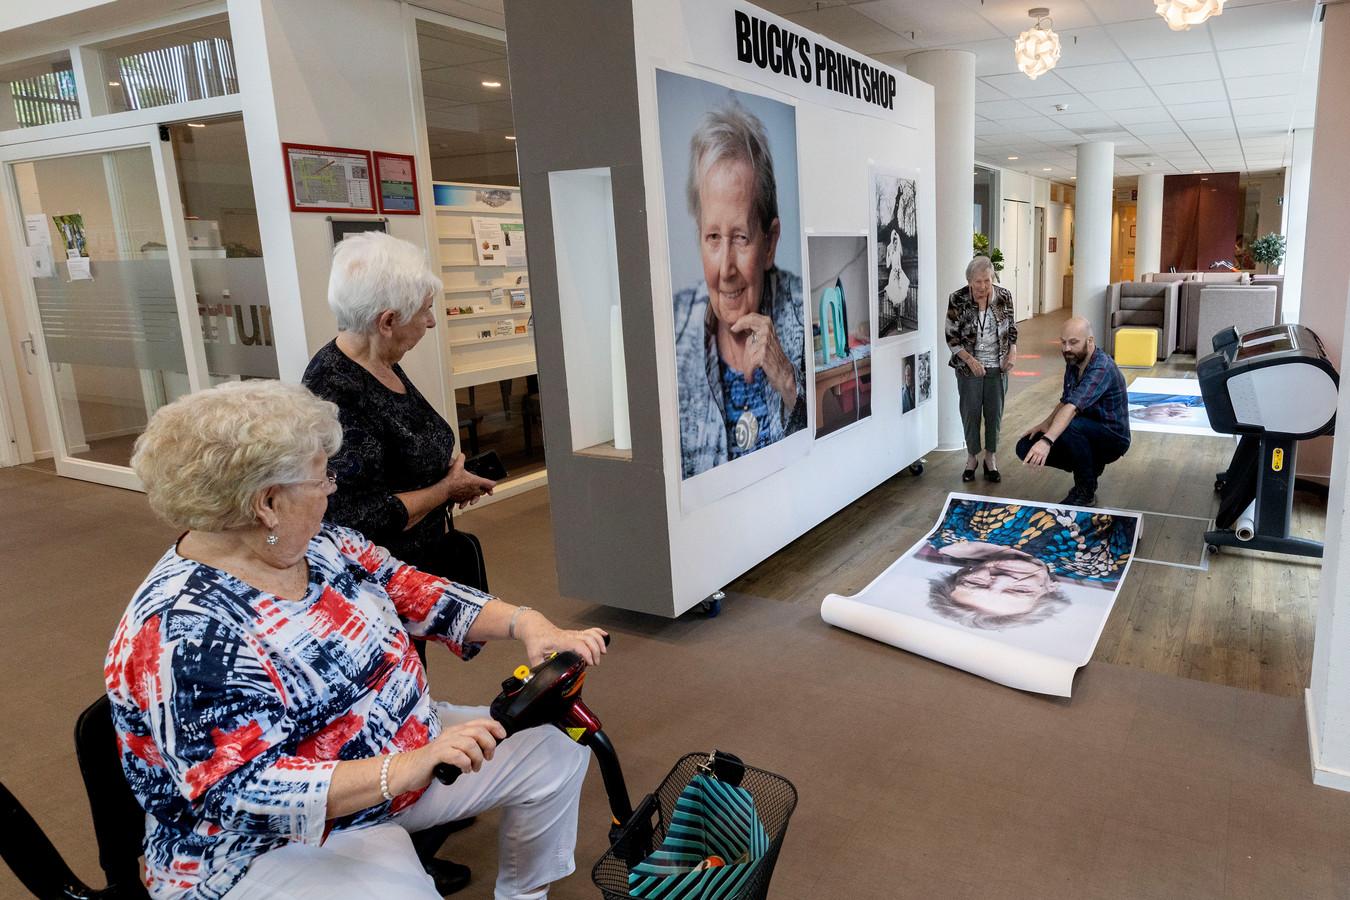 Belangstelling voor het werk van Marcel de Buck, in gesprek met bewoonster Irene Veenstra in verzorginsghuis Engelsbergenin Eindhoven.